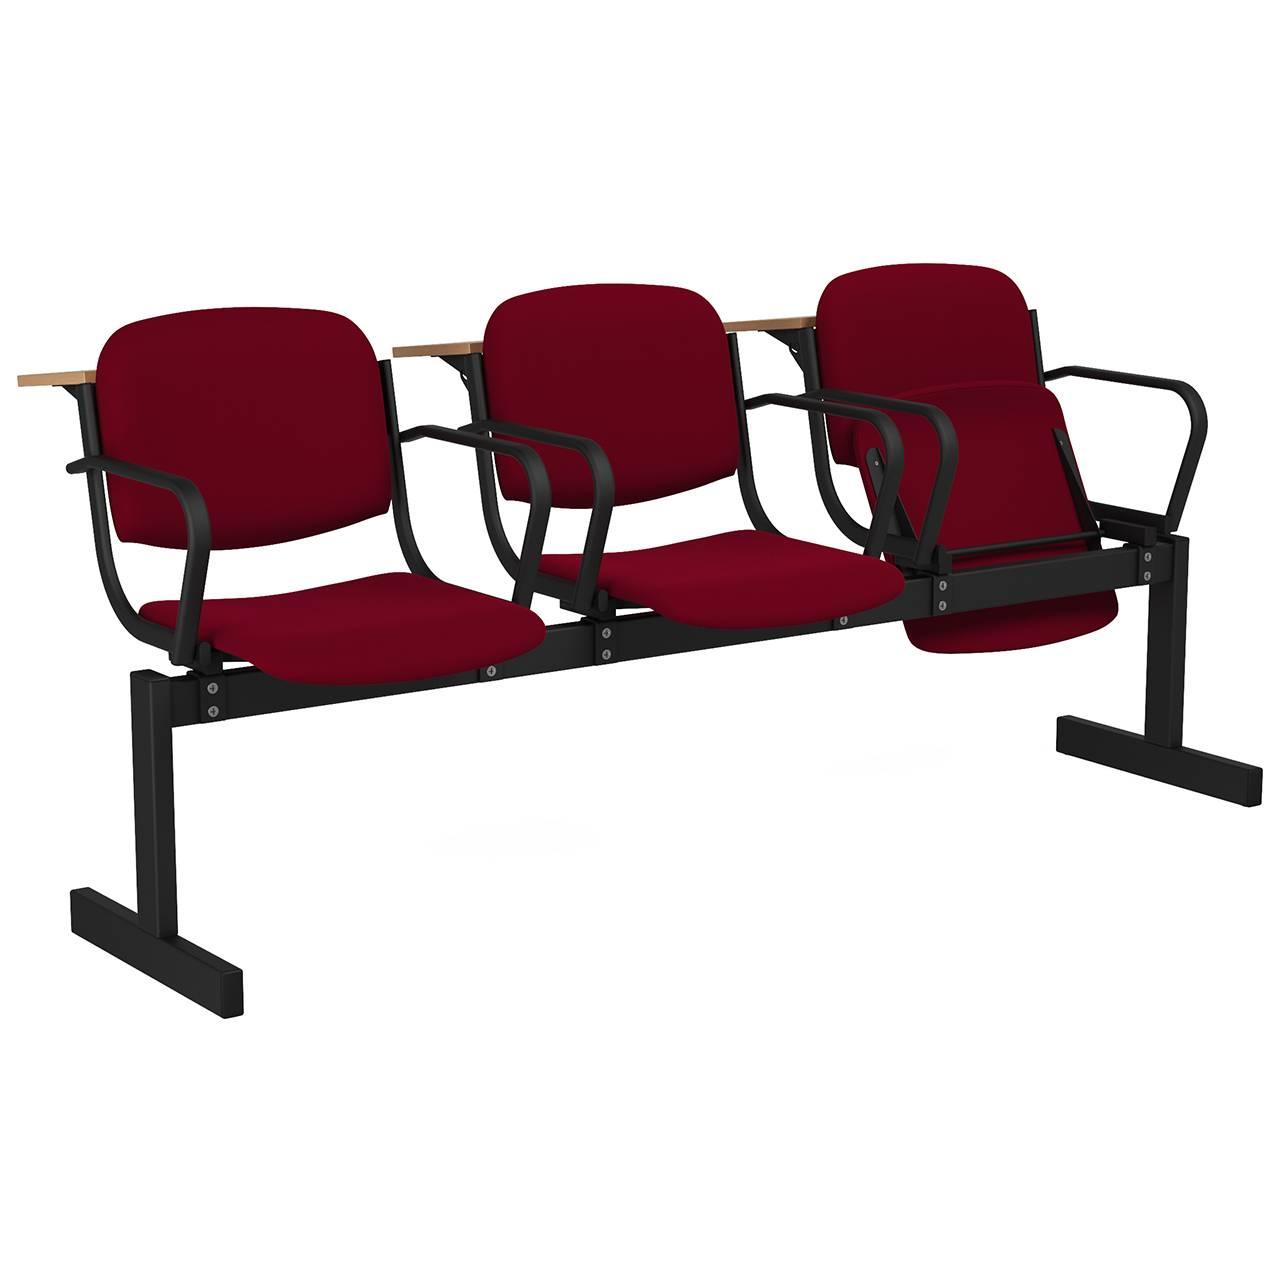 3-местный, откидывающиеся сиденья, мягкий, подлокотники, лекционный черный бордо Флок